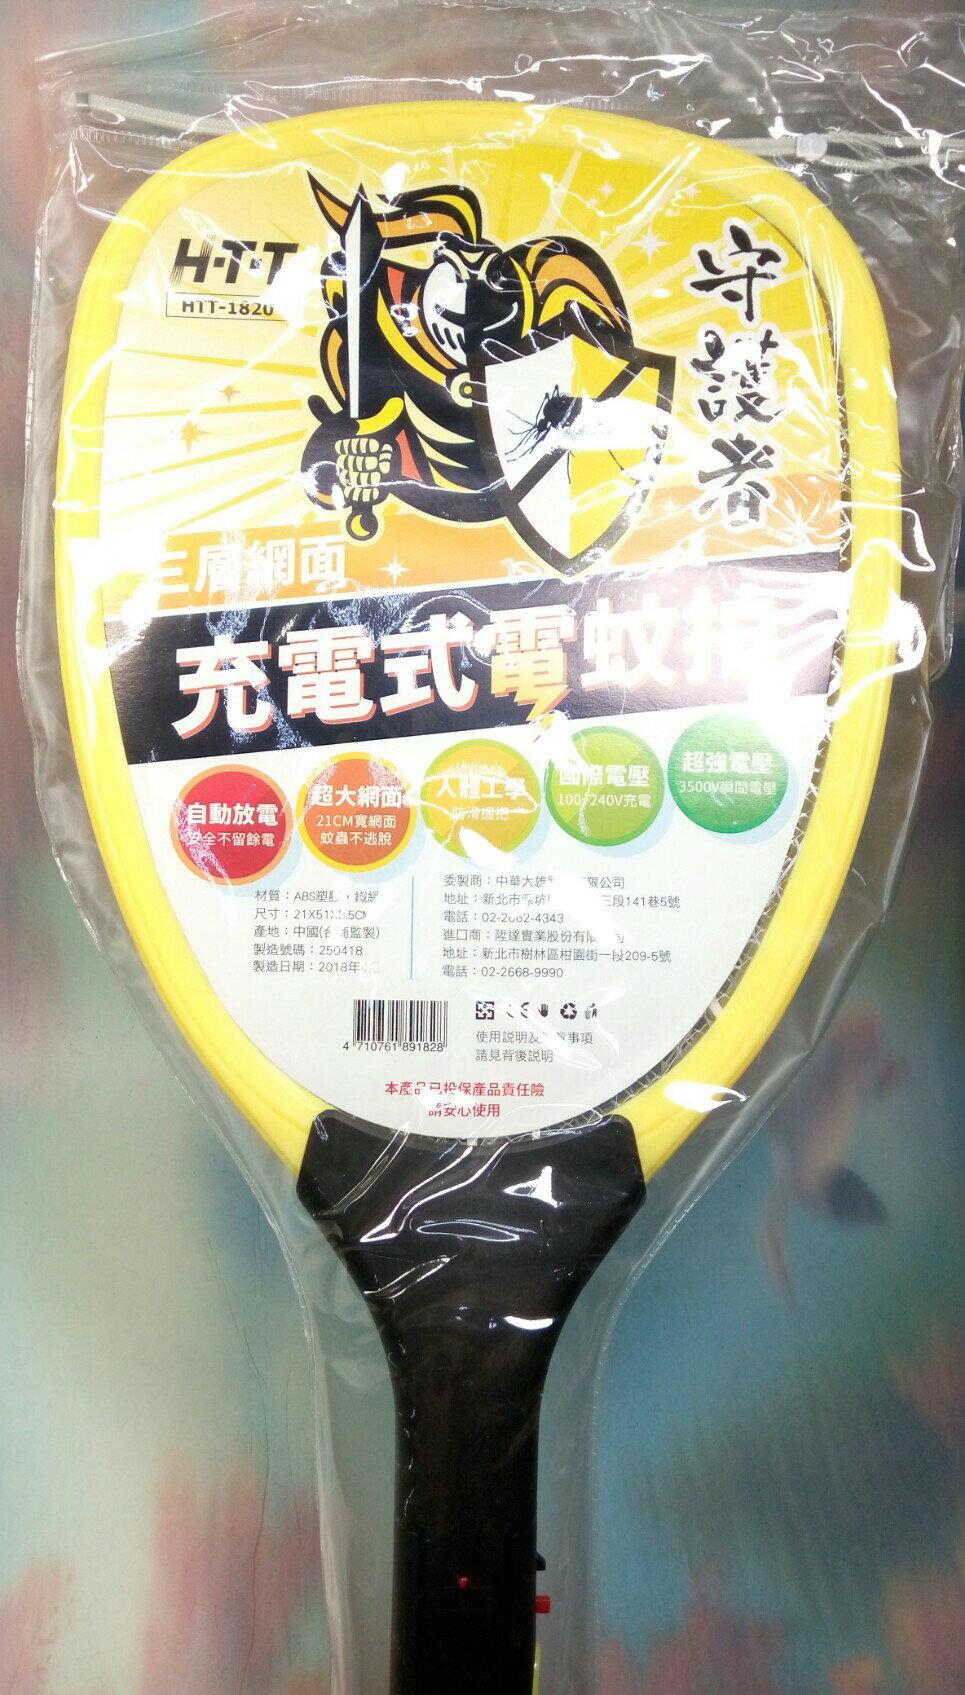 【三層網面充電式電蚊拍HTT-1820】891828電蚊拍 充電式電蚊拍 捕蚊工具【八八八】e網購